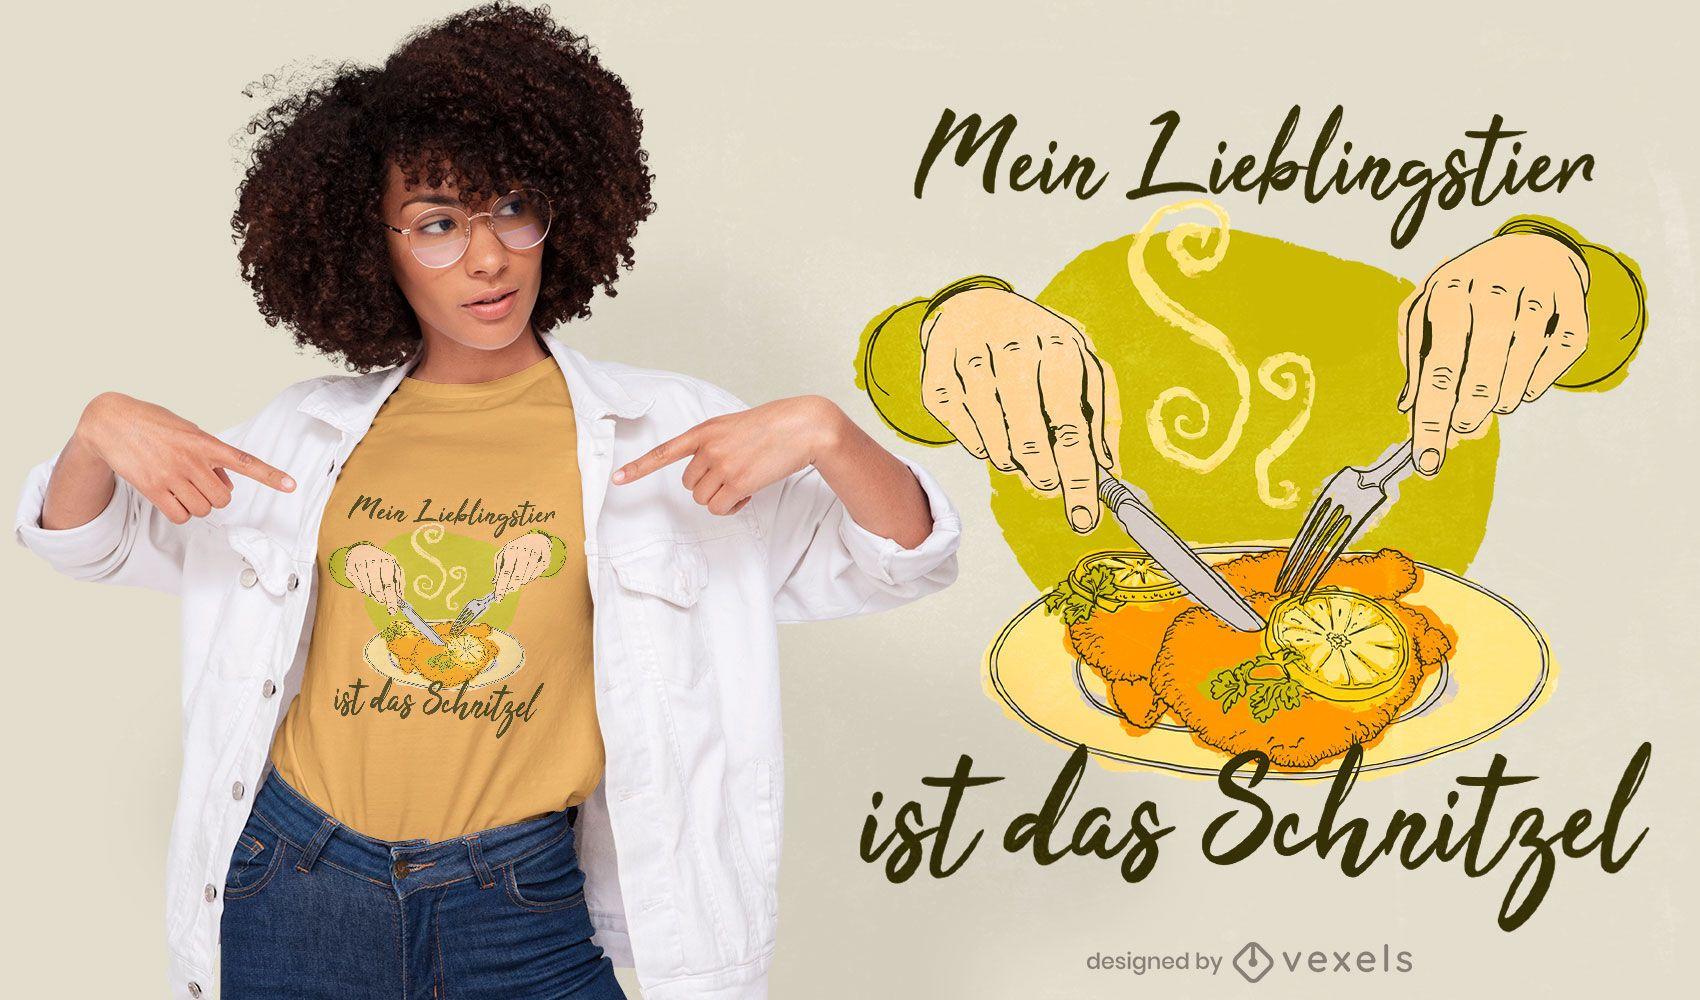 Diseño de camiseta con cita de Schnitzel